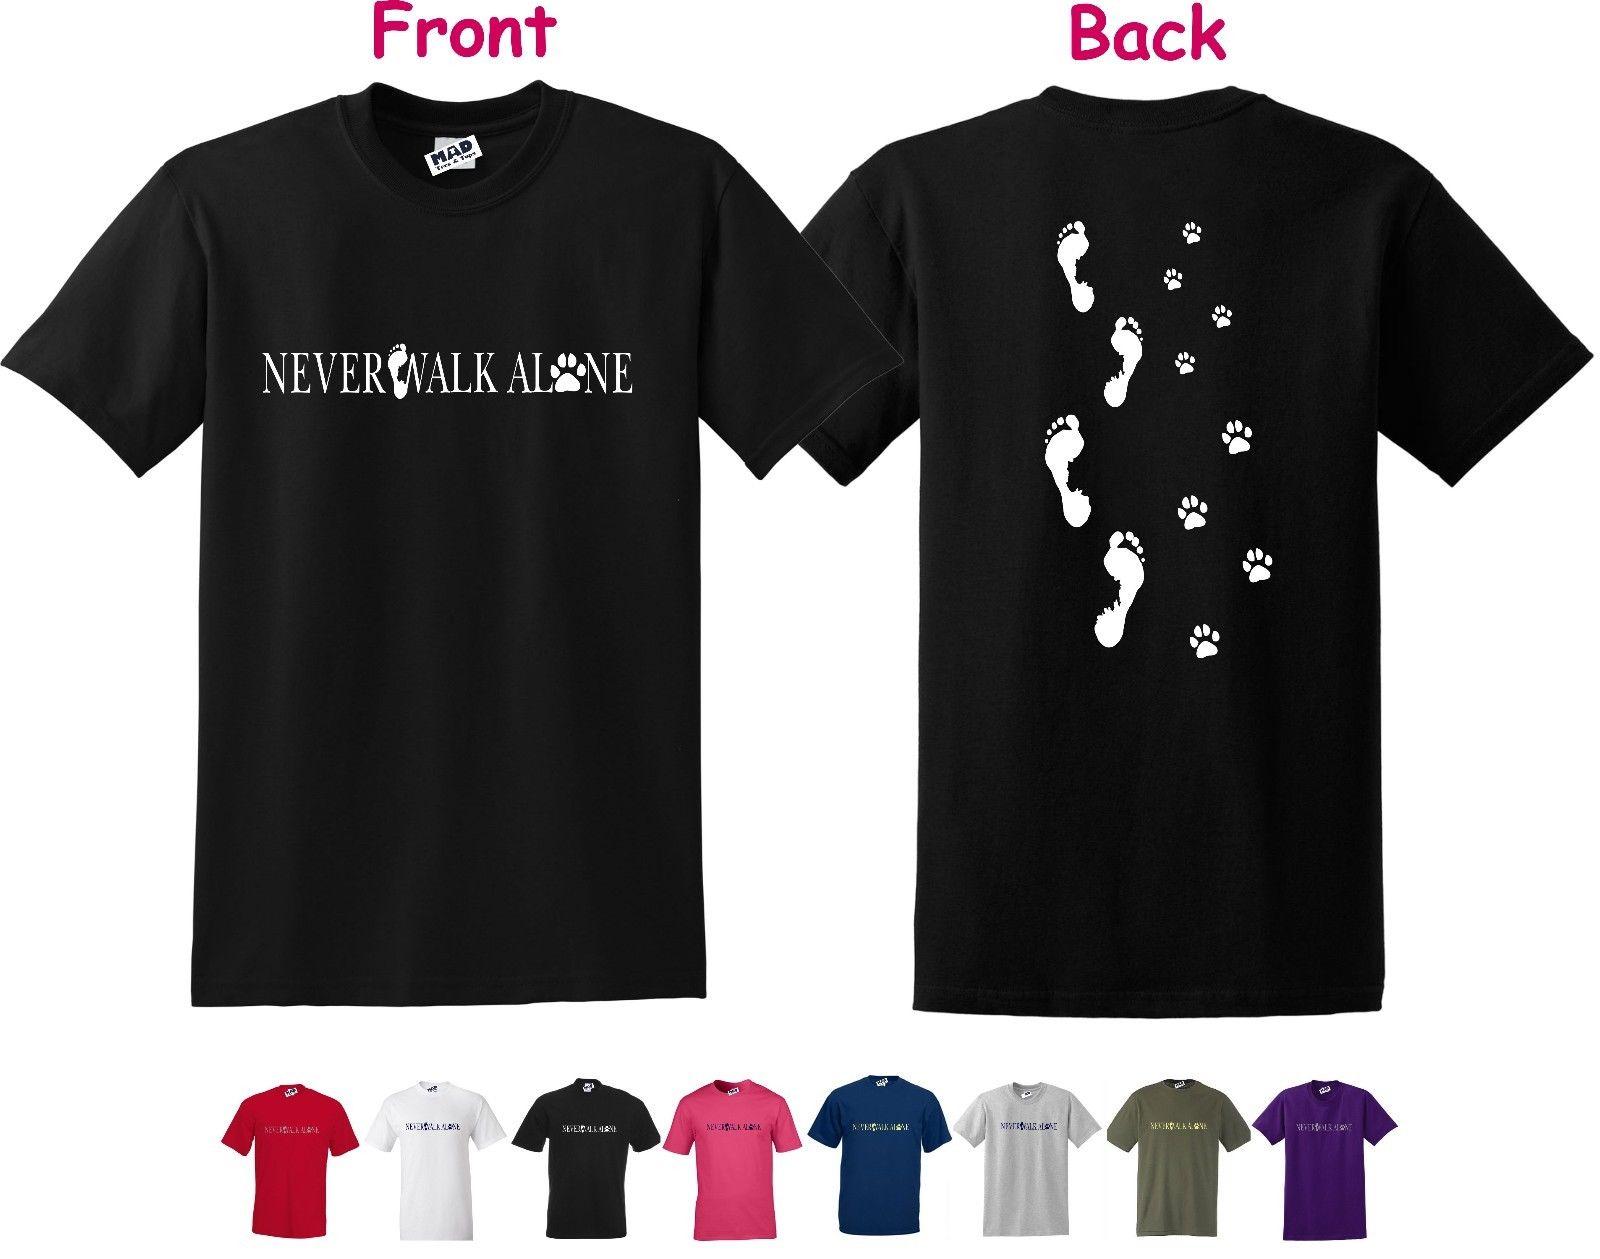 2019 Neue Sommer Cool Tee Shirt Nie Gehen Allein, SchÖnen Hund, Pfote Druck/fuß Druck, Reg Cut T-shirt, S Zu 3xl Baumwolle T-shirt Gesundheit FöRdern Und Krankheiten Heilen